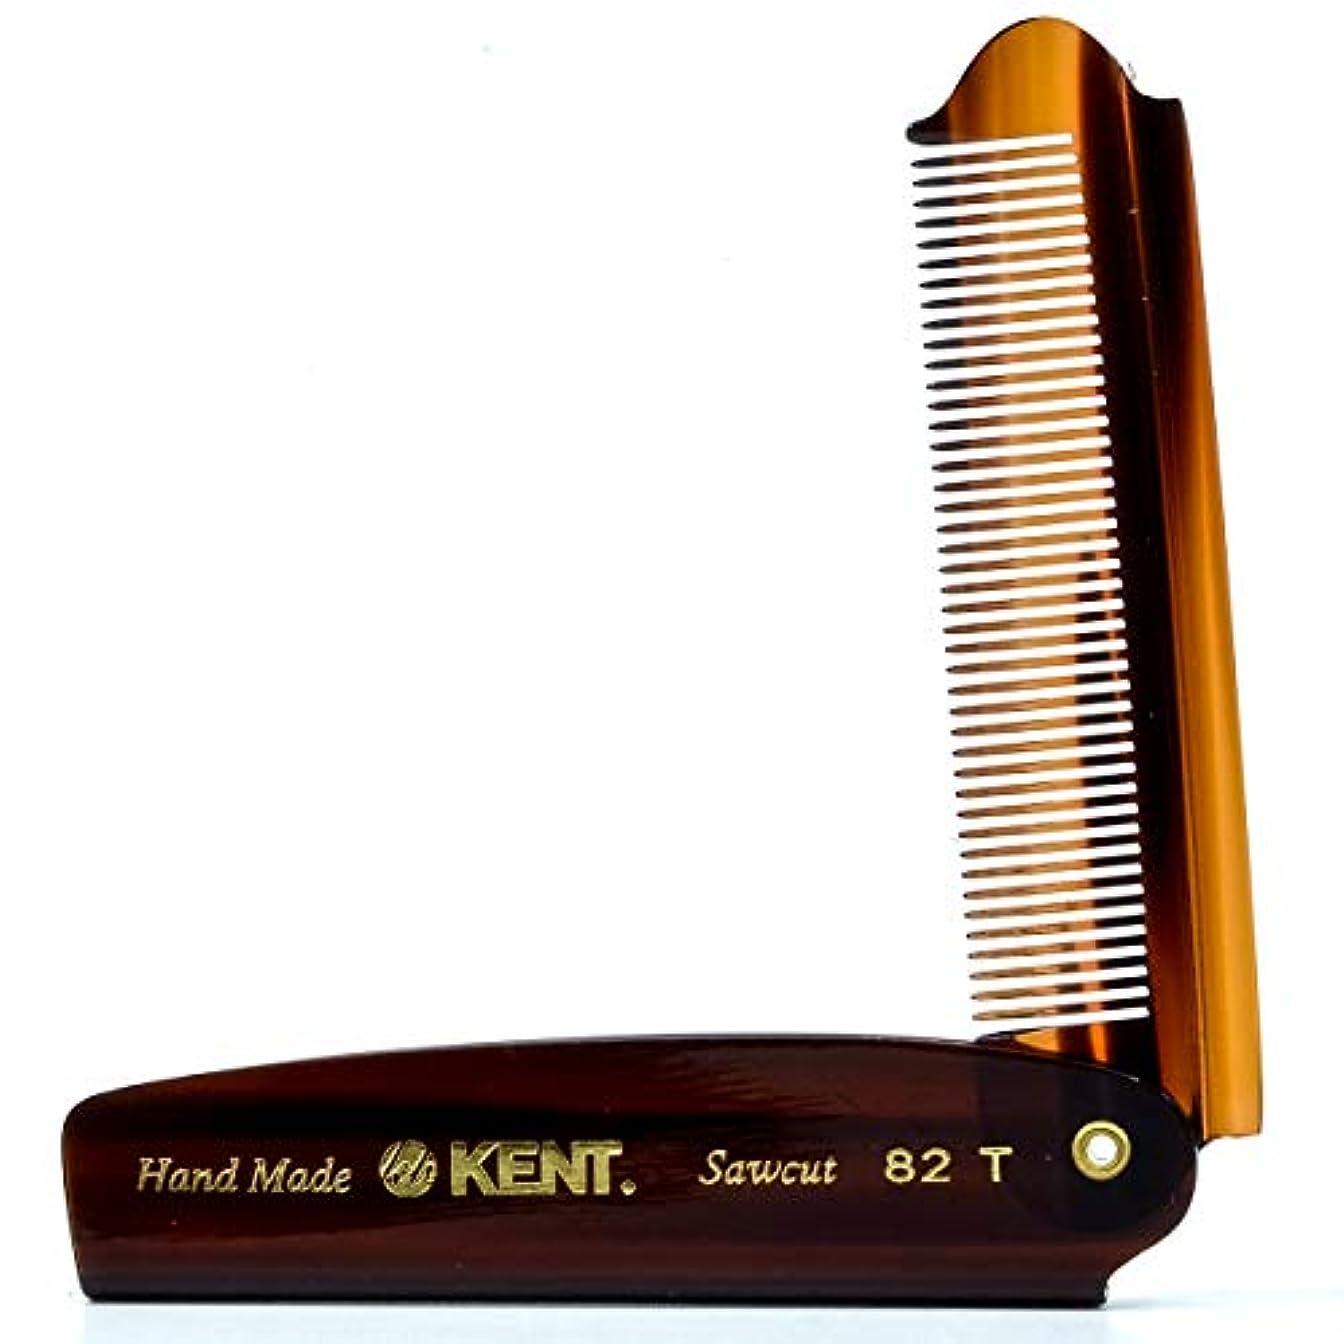 再現する仕事電卓KENT ケント 携帯用 メンズ 折りたたみ式 コーム 82T 細め イギリス製